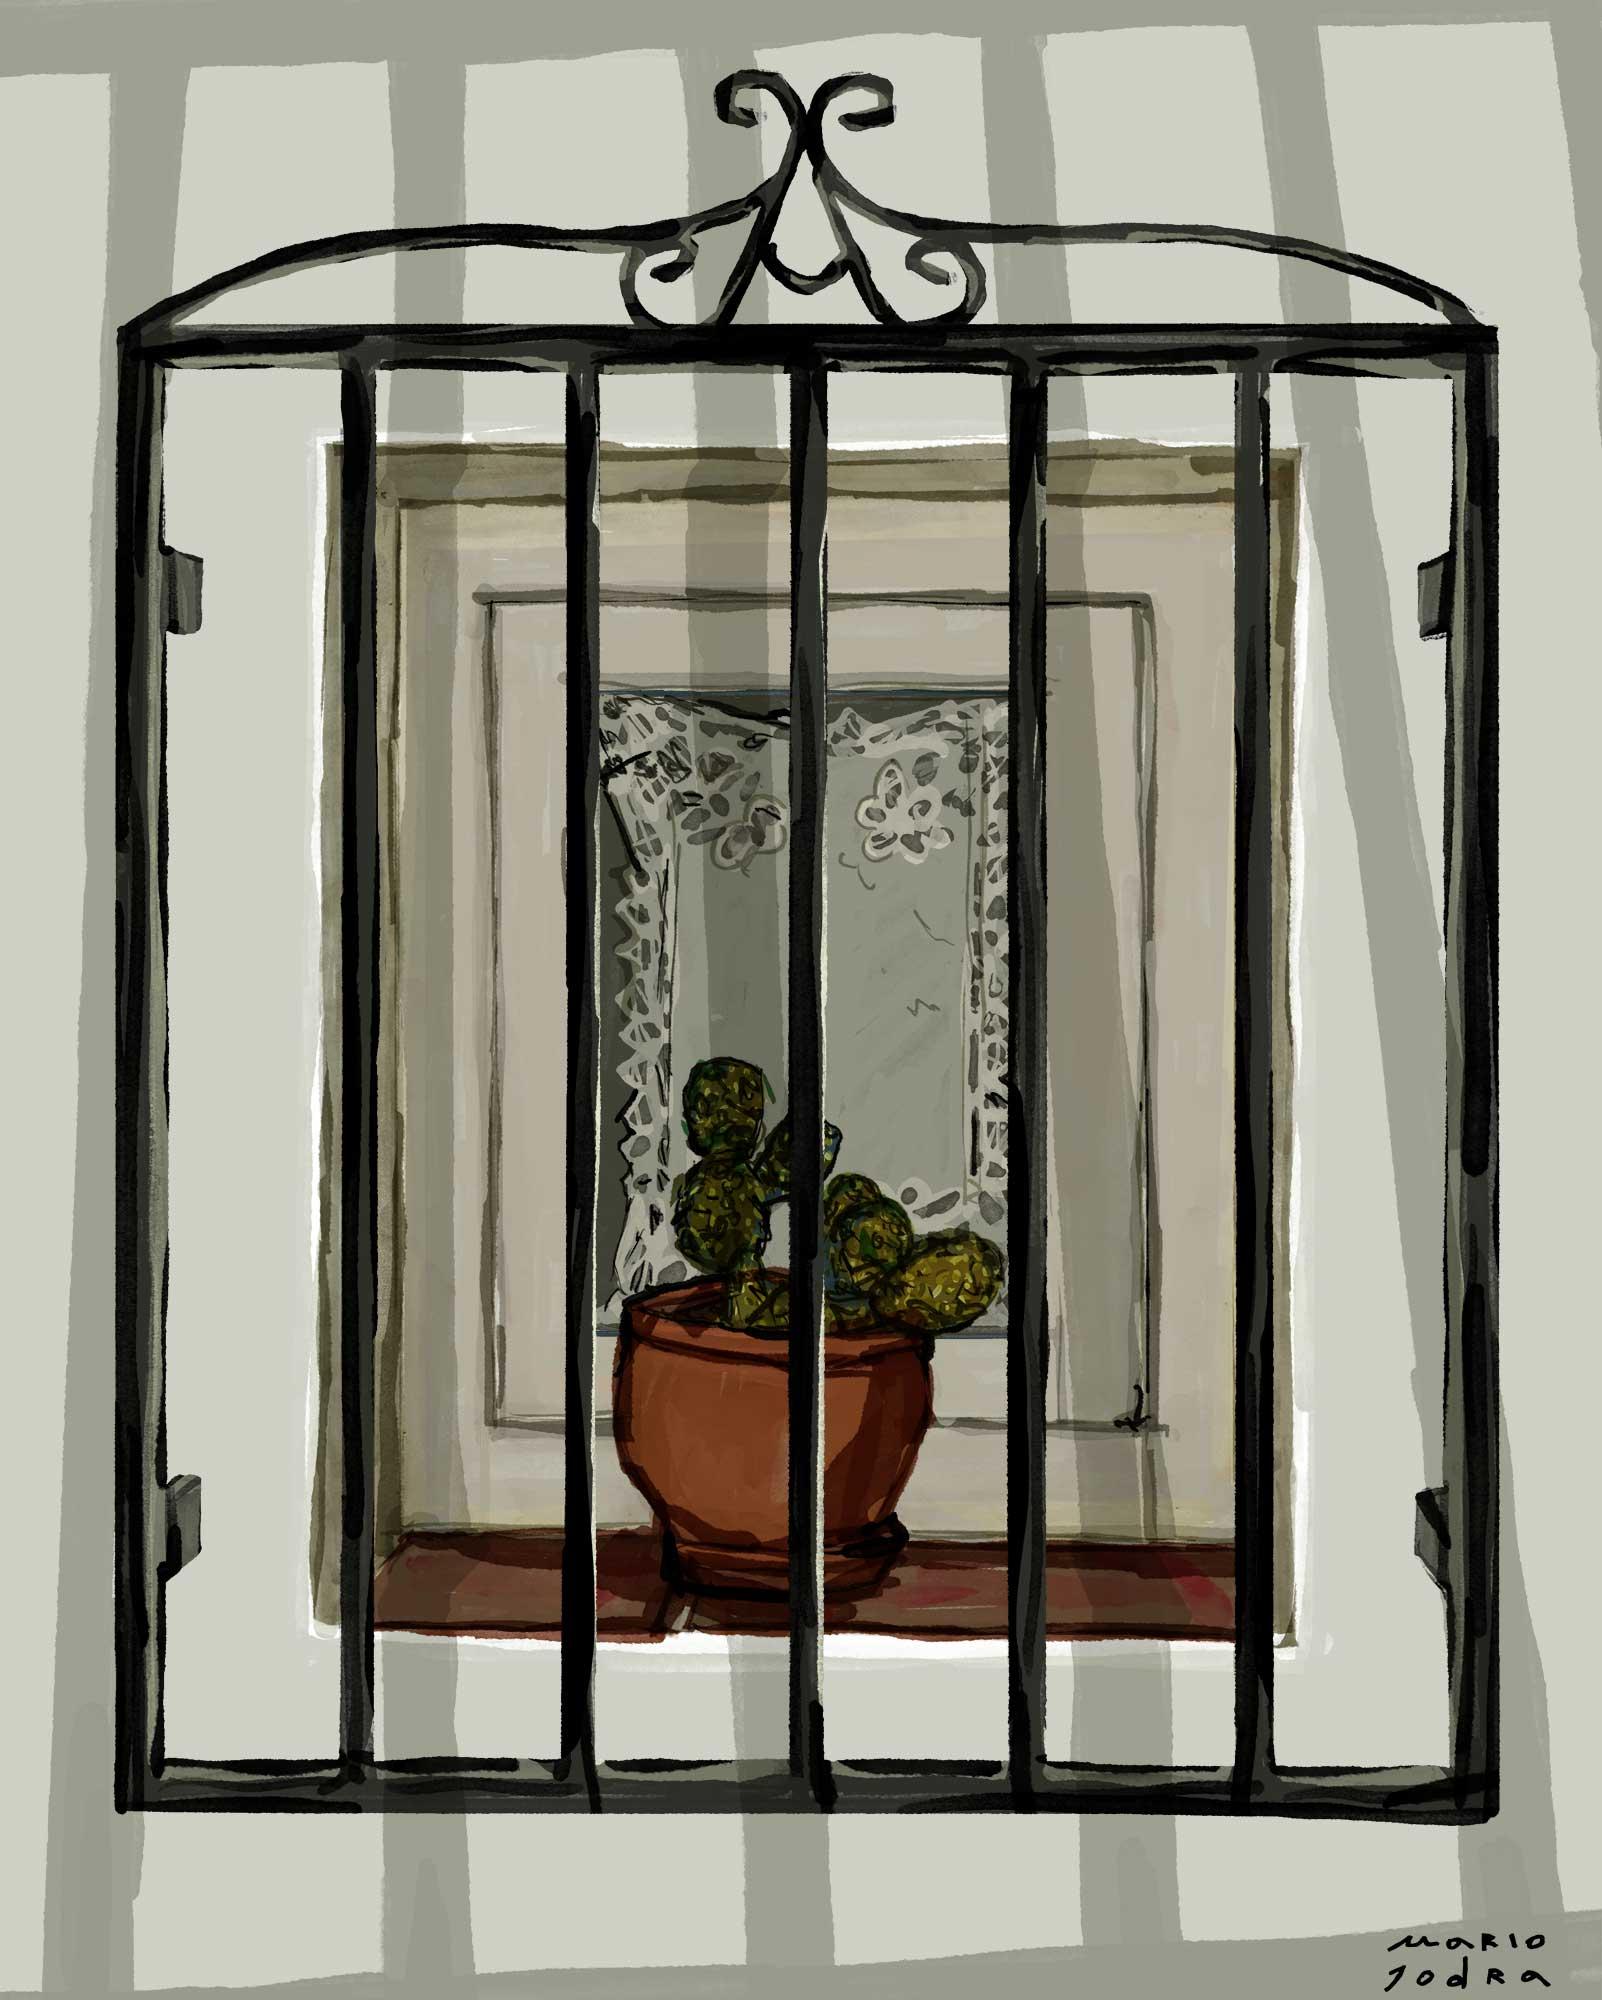 Mario Jodra illustration - A window